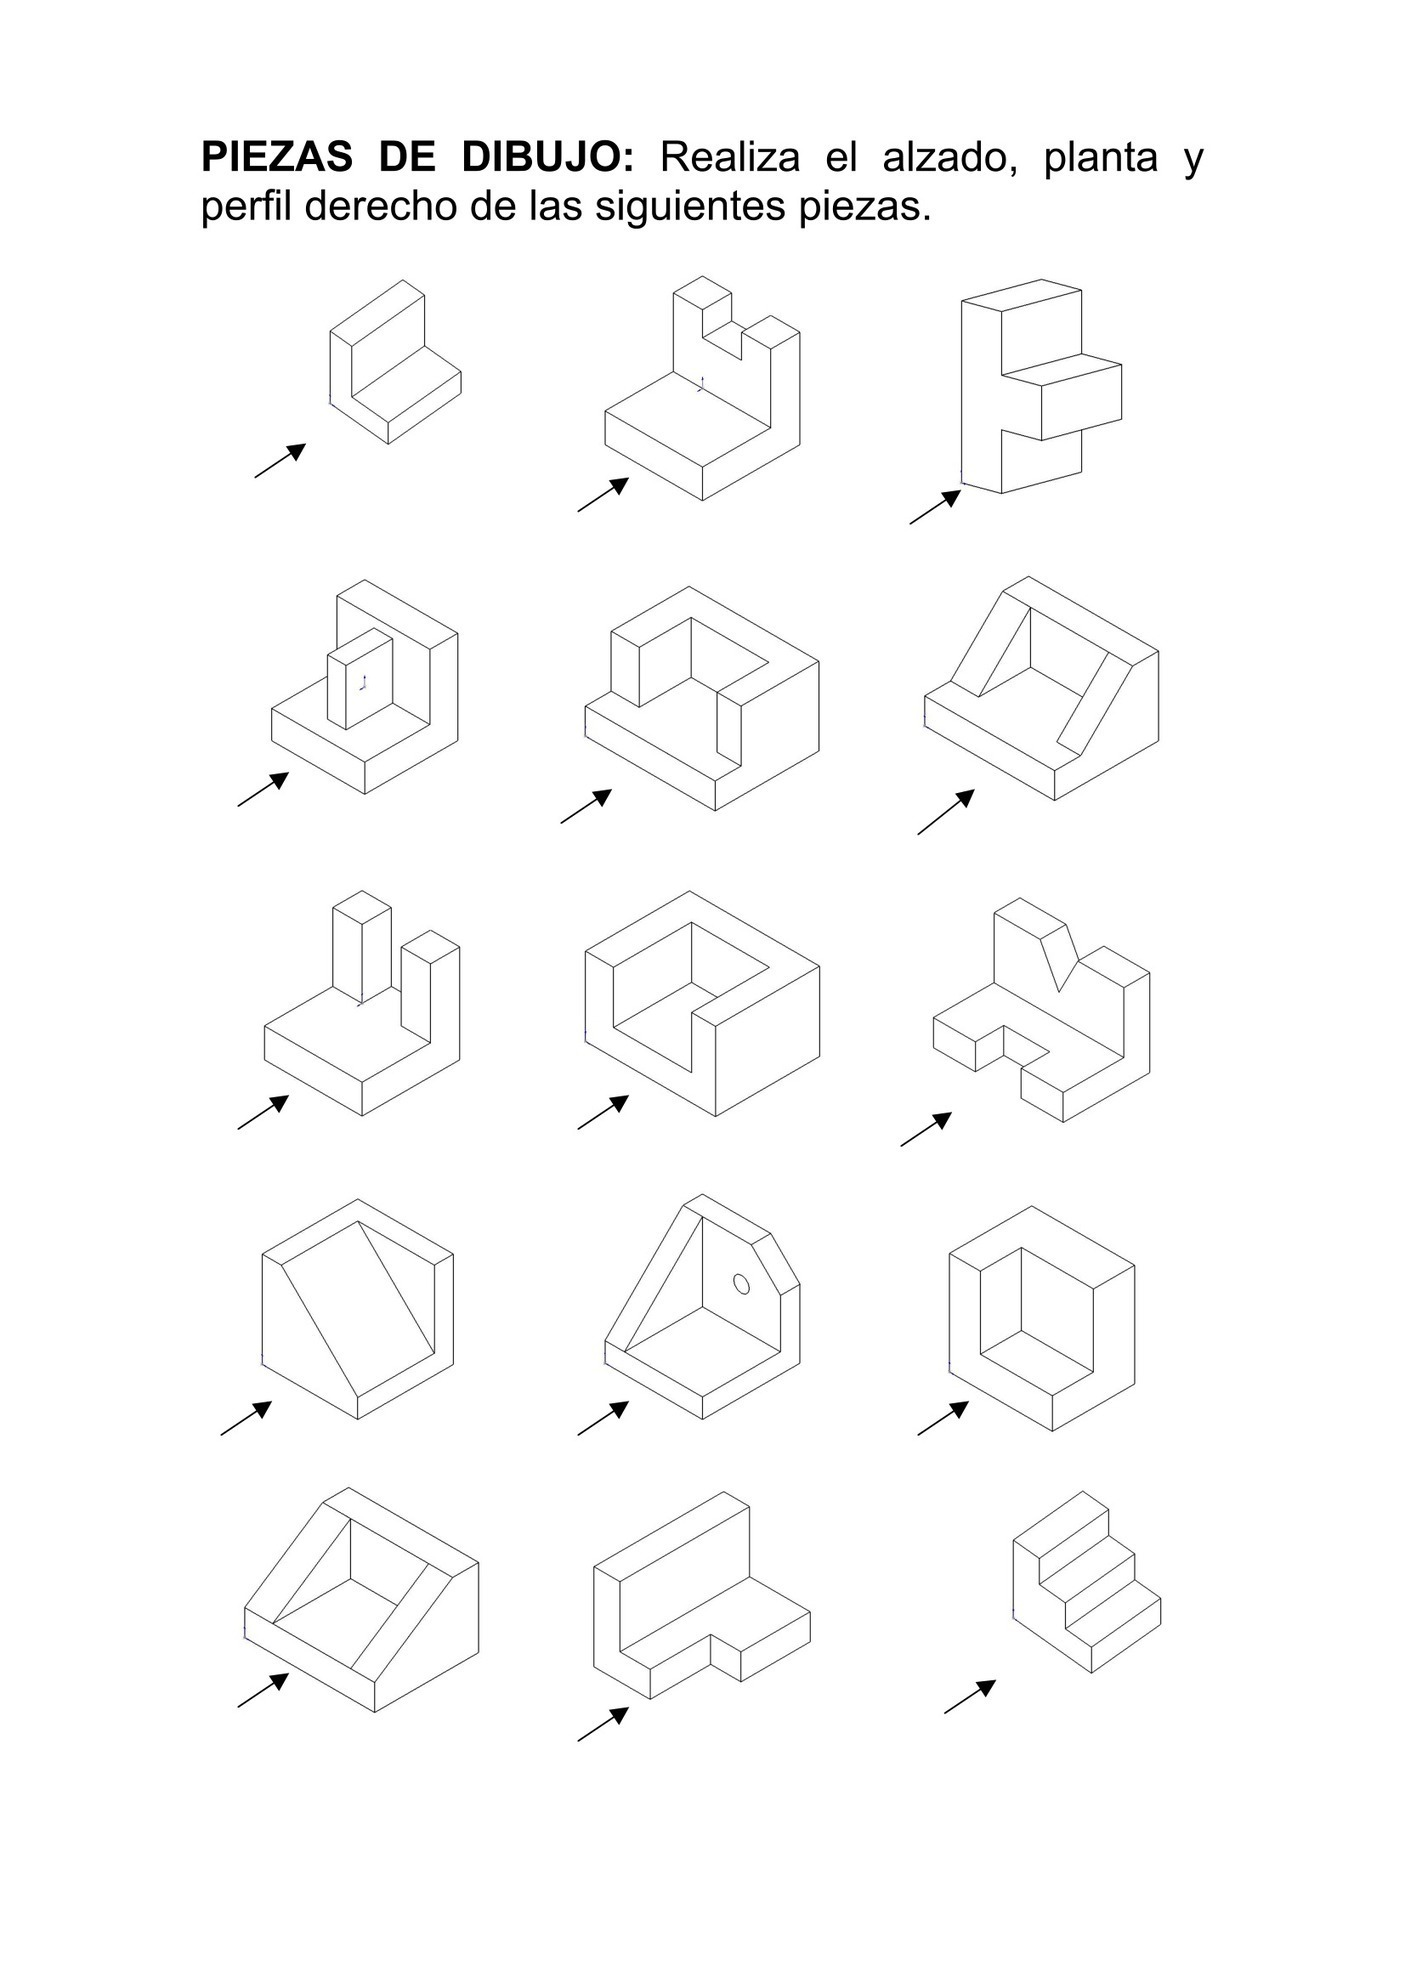 Piezas de dibujo diseñadas con Openscad